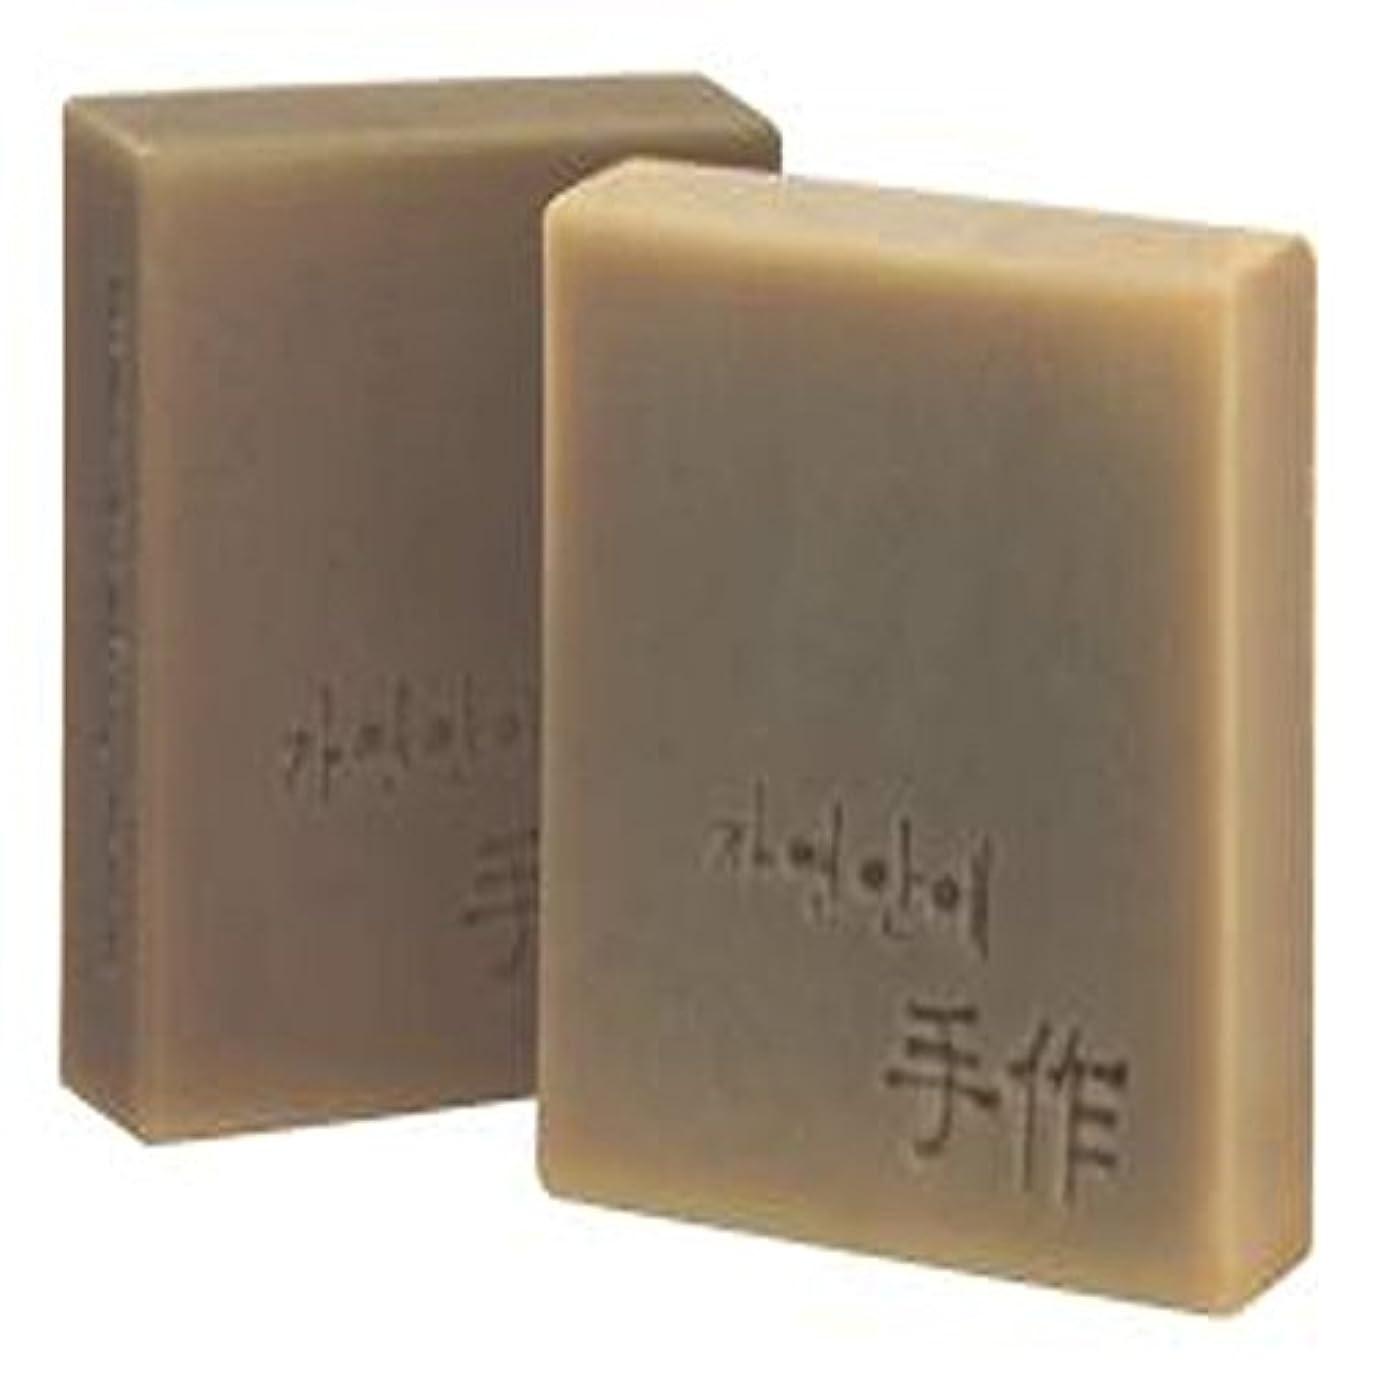 スプリットとんでもないプレフィックスNatural organic 有機天然ソープ 固形 無添加 洗顔せっけんクレンジング [並行輸入品] (SEOSIOKYOUNGSAN)